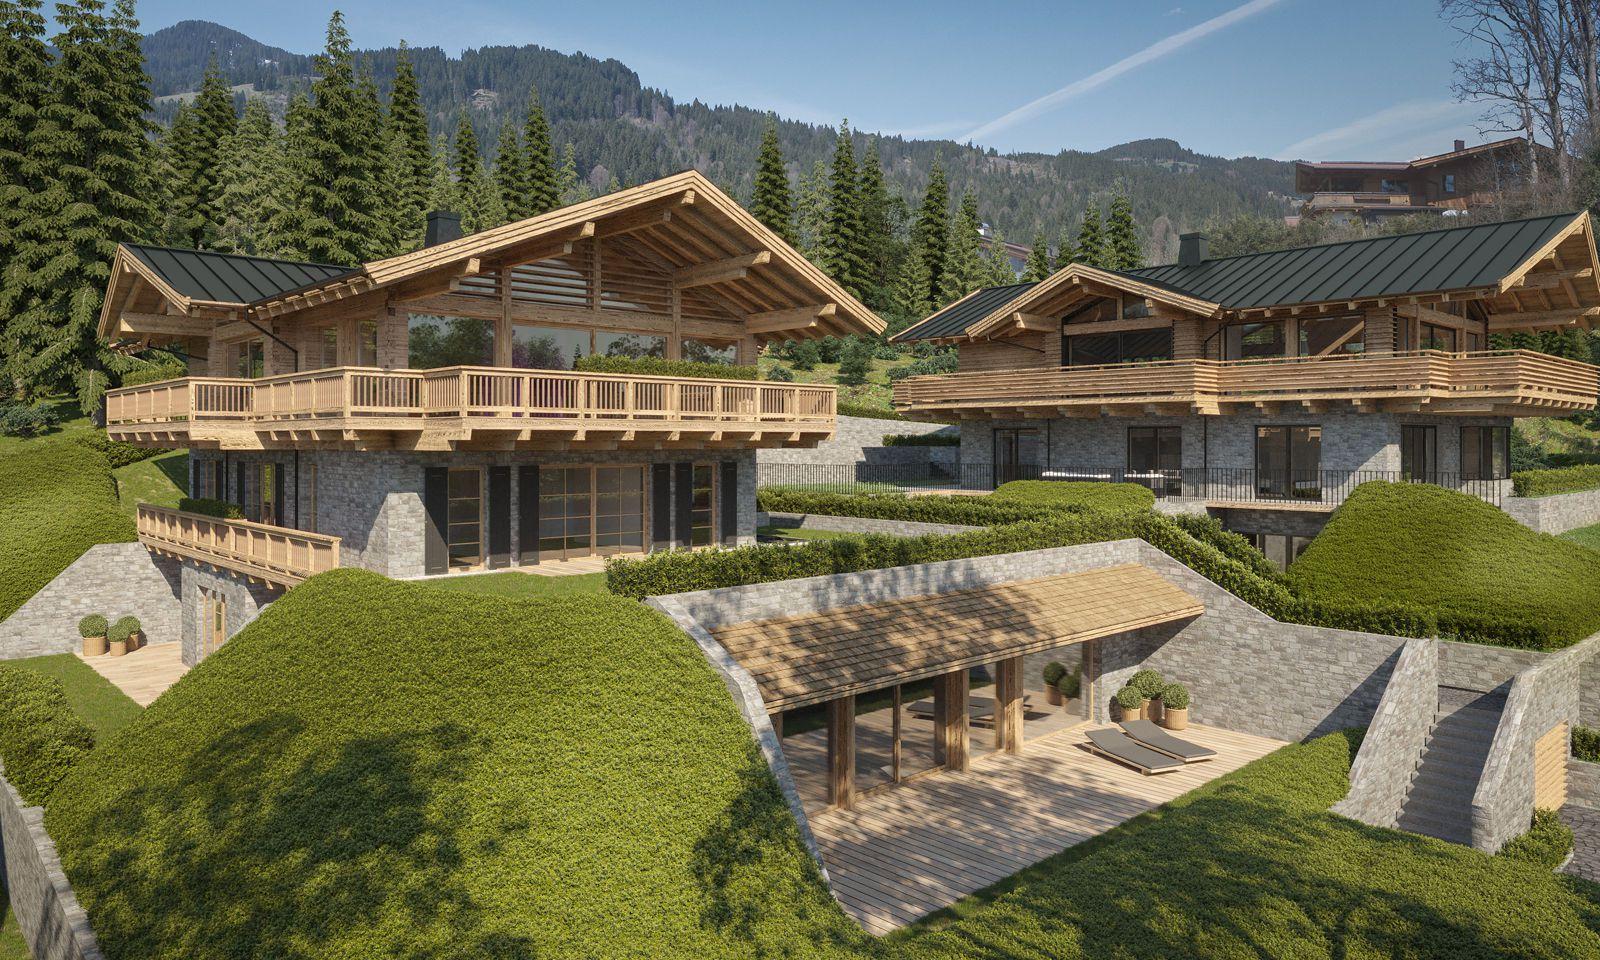 Visualisierung eines Bauvorhabens am Seiwaldbichl bei Kitzbühel.